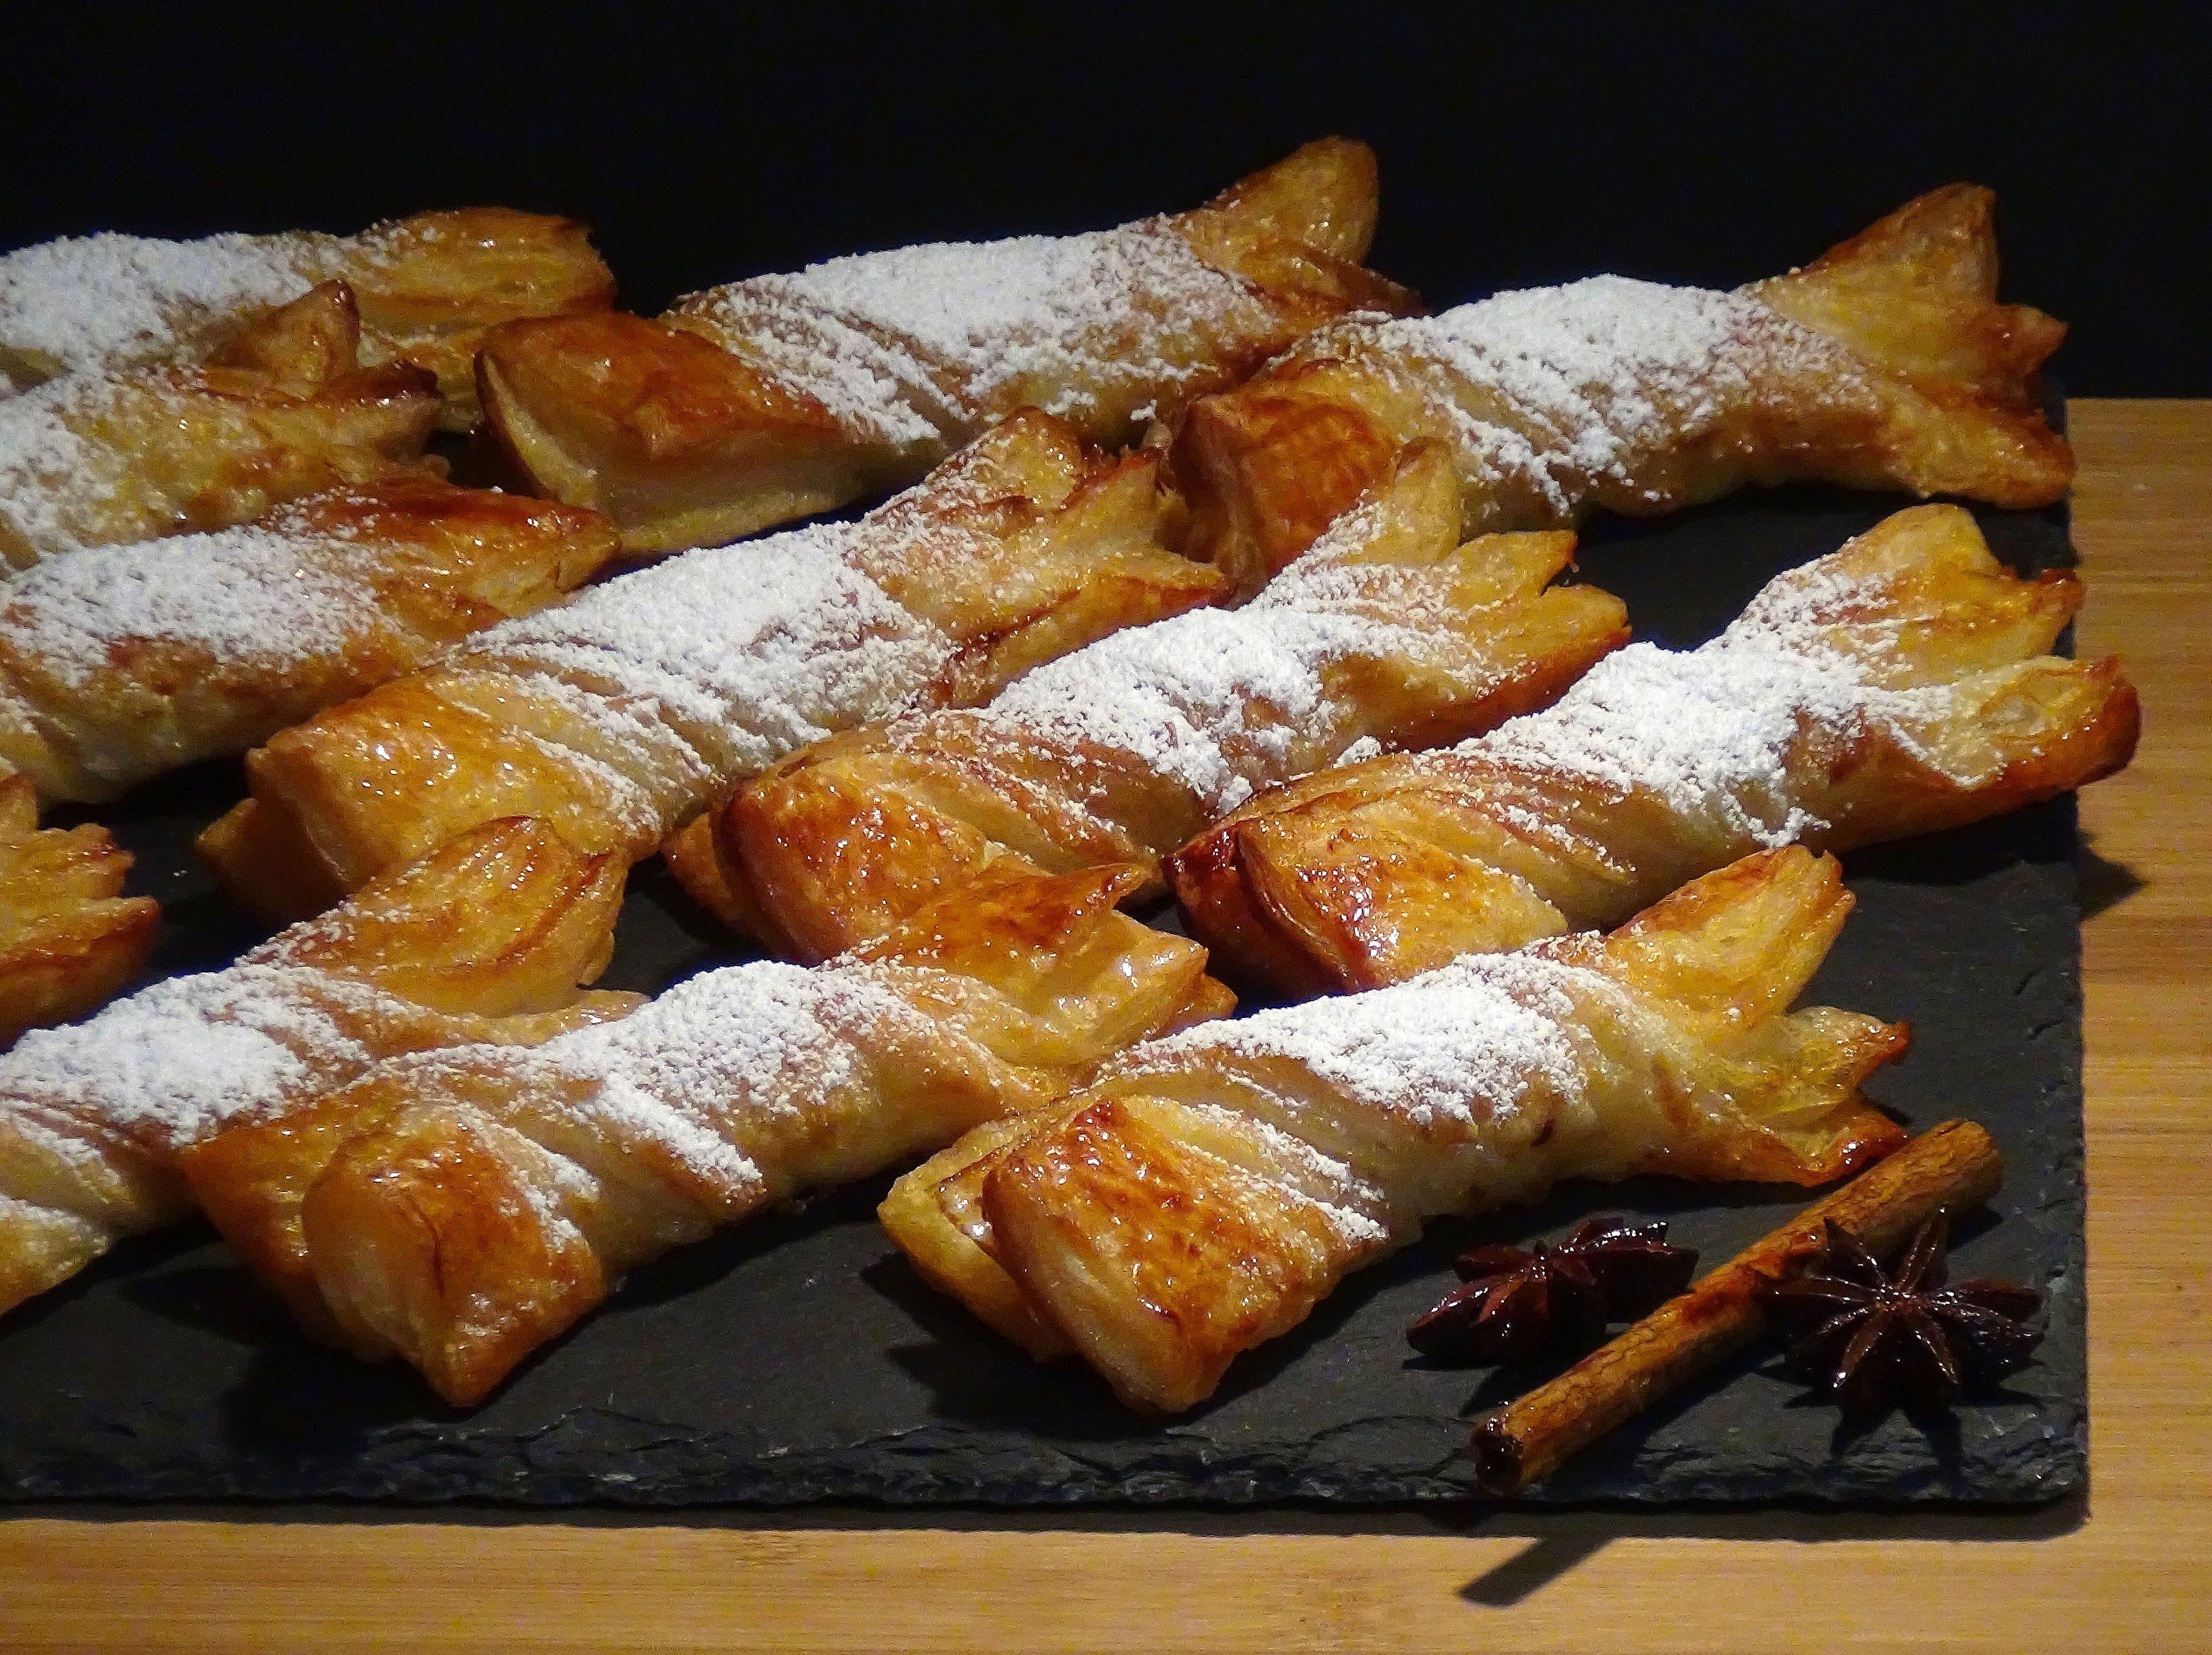 Lazos de hojaldres a la miel, deliciosos y fáciles de preparar, un placer al alcance de cualquiera.  Receta en mi Blog: http://lacocinadelolidominguez.blogspot.com.es/2015/11/lazos-de-hojaldres-la-miel.html  Videoreceta: https://www.youtube.com/watch?v=pi_hd7DOkrY